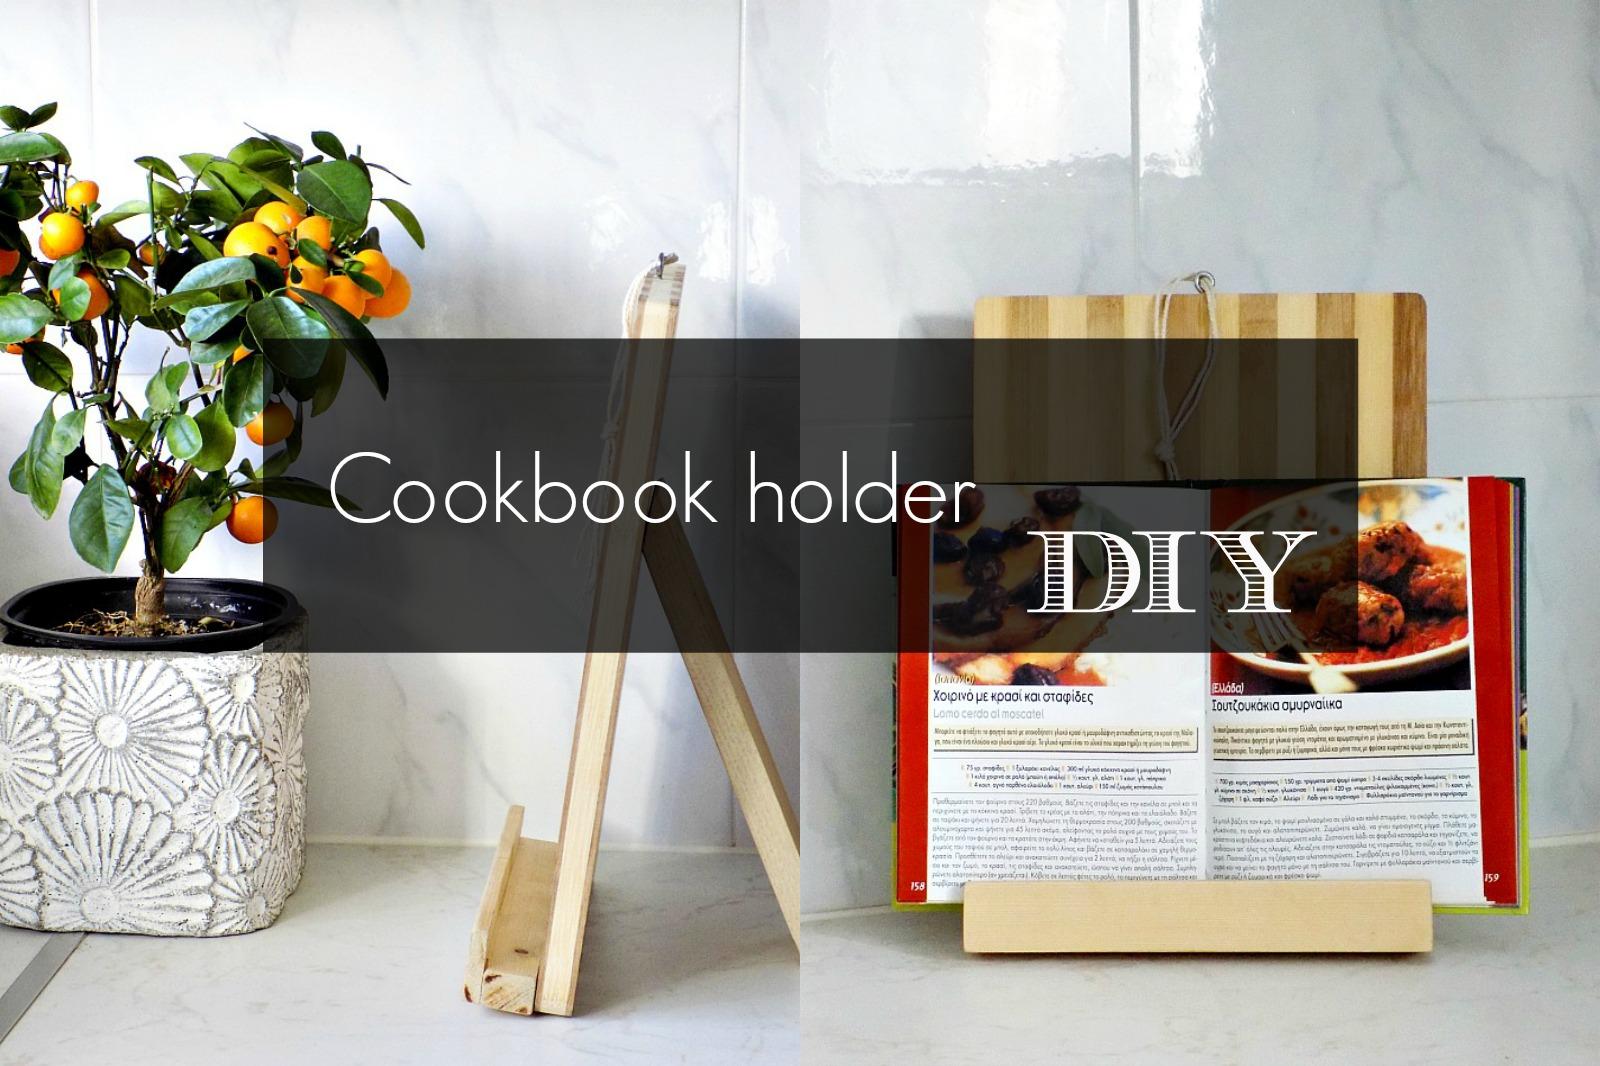 Ένα ξύλο κοπής γίνεται σταντ για βιβλία μαγειρικής